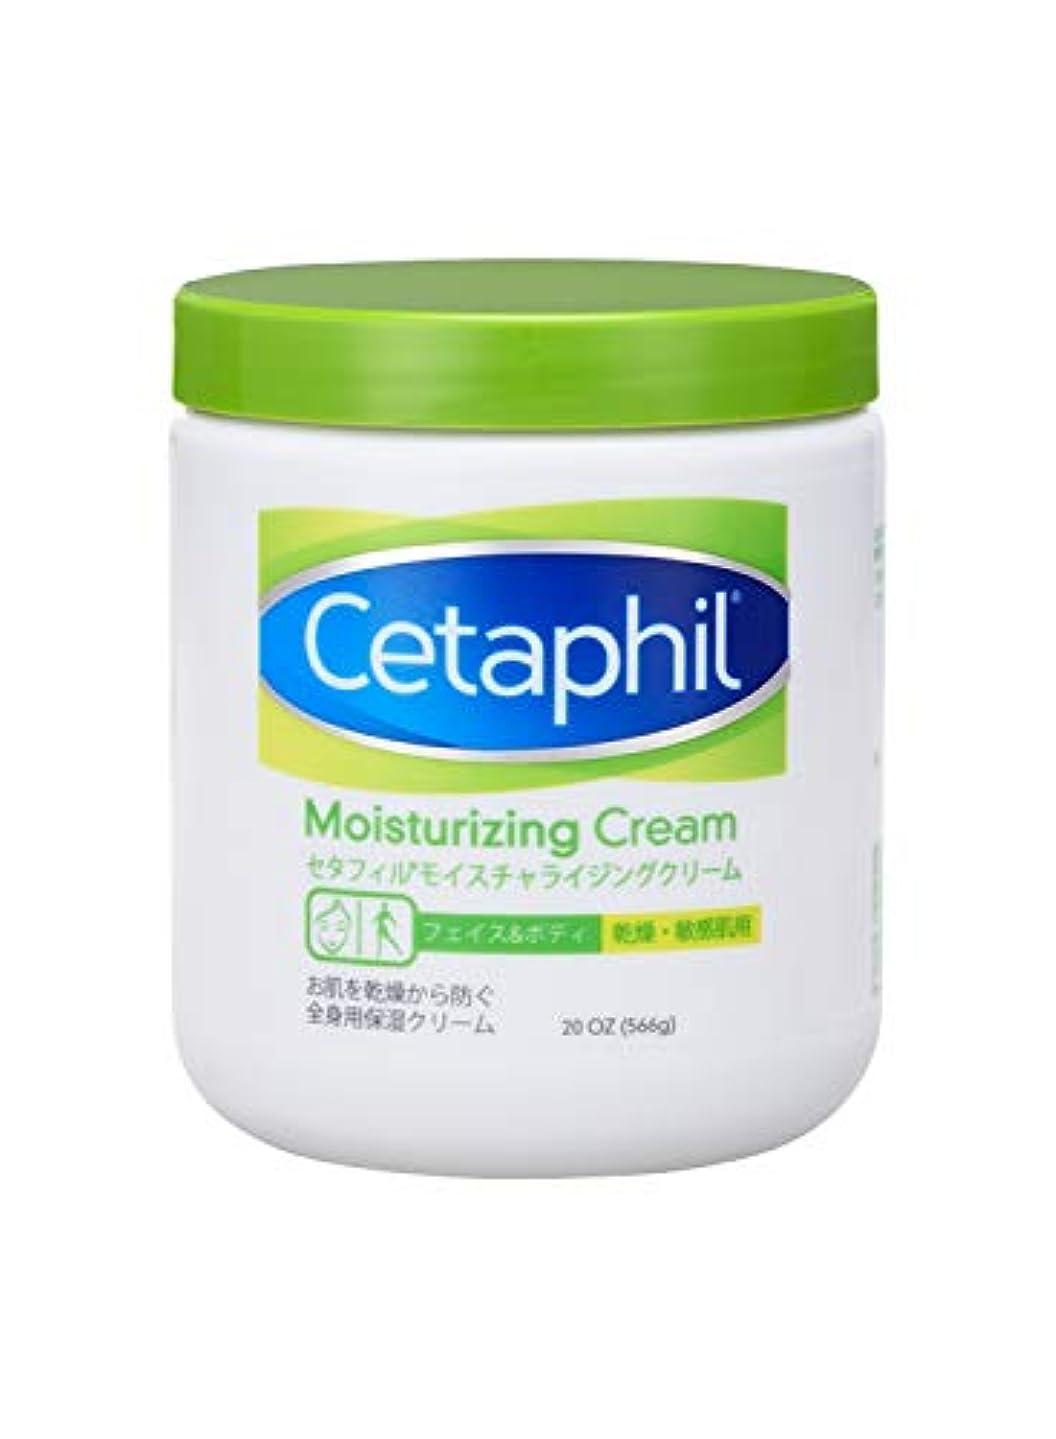 挽くレキシコン組み込むセタフィル Cetaphil ® モイスチャライジングクリーム 566ml ( フェイス & ボディ 保湿クリーム クリーム )